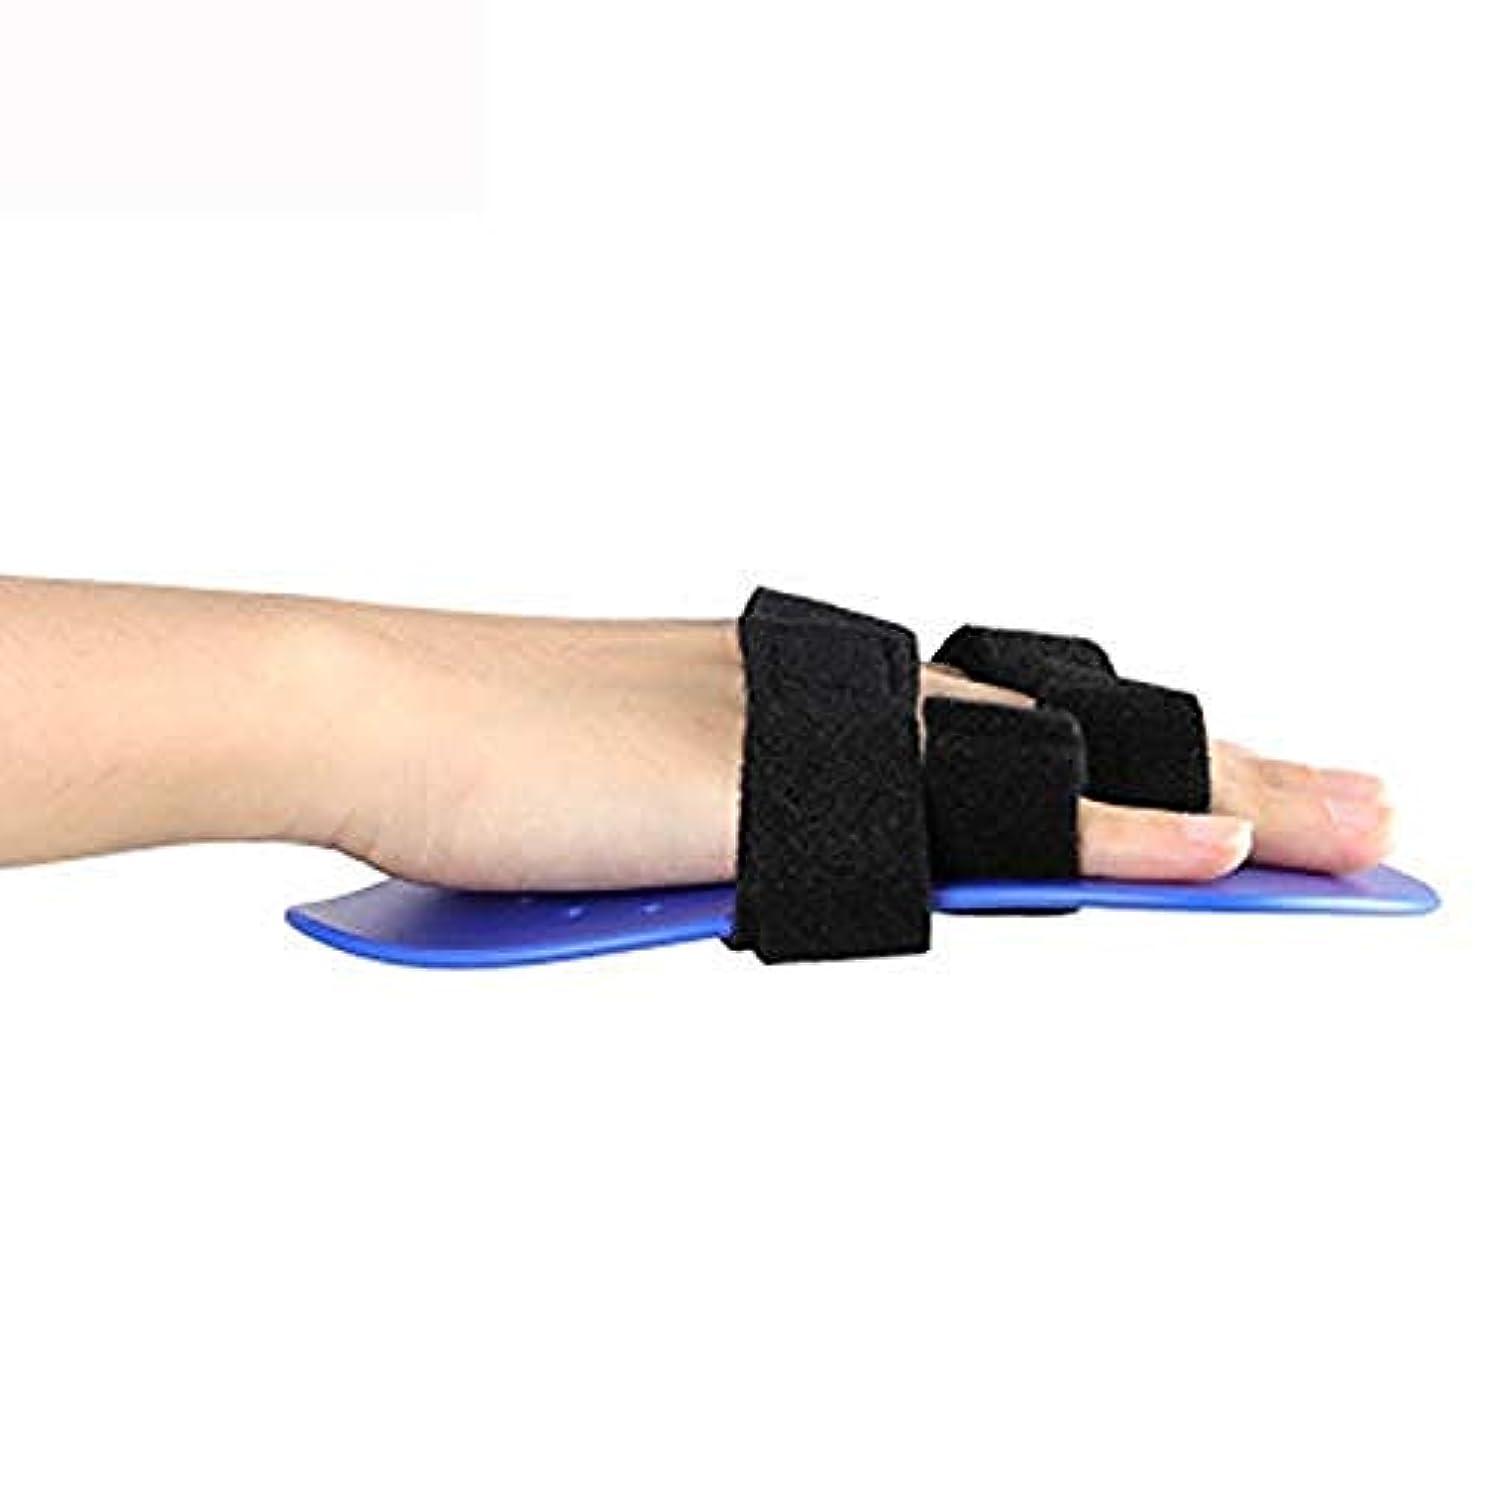 カエル鎮静剤第五トリガー指副木、手首支持装置指セパレーター装具手根管関節痛緩和装具,Left Hand-S